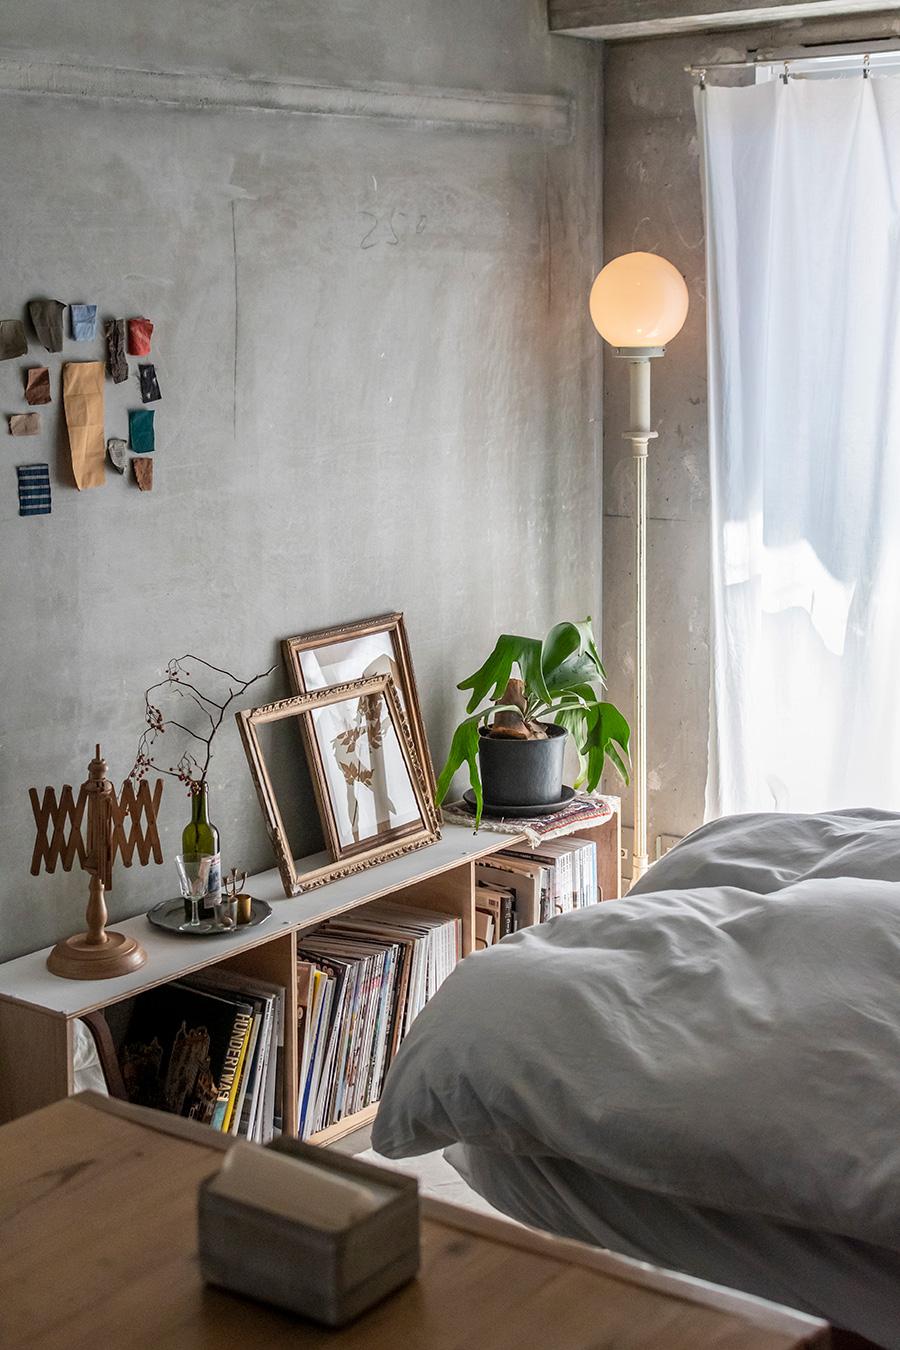 DIYで作った本棚を使ってディスプレイ。壁にアレンジされた布の端切れは、額をイメージしたもの。